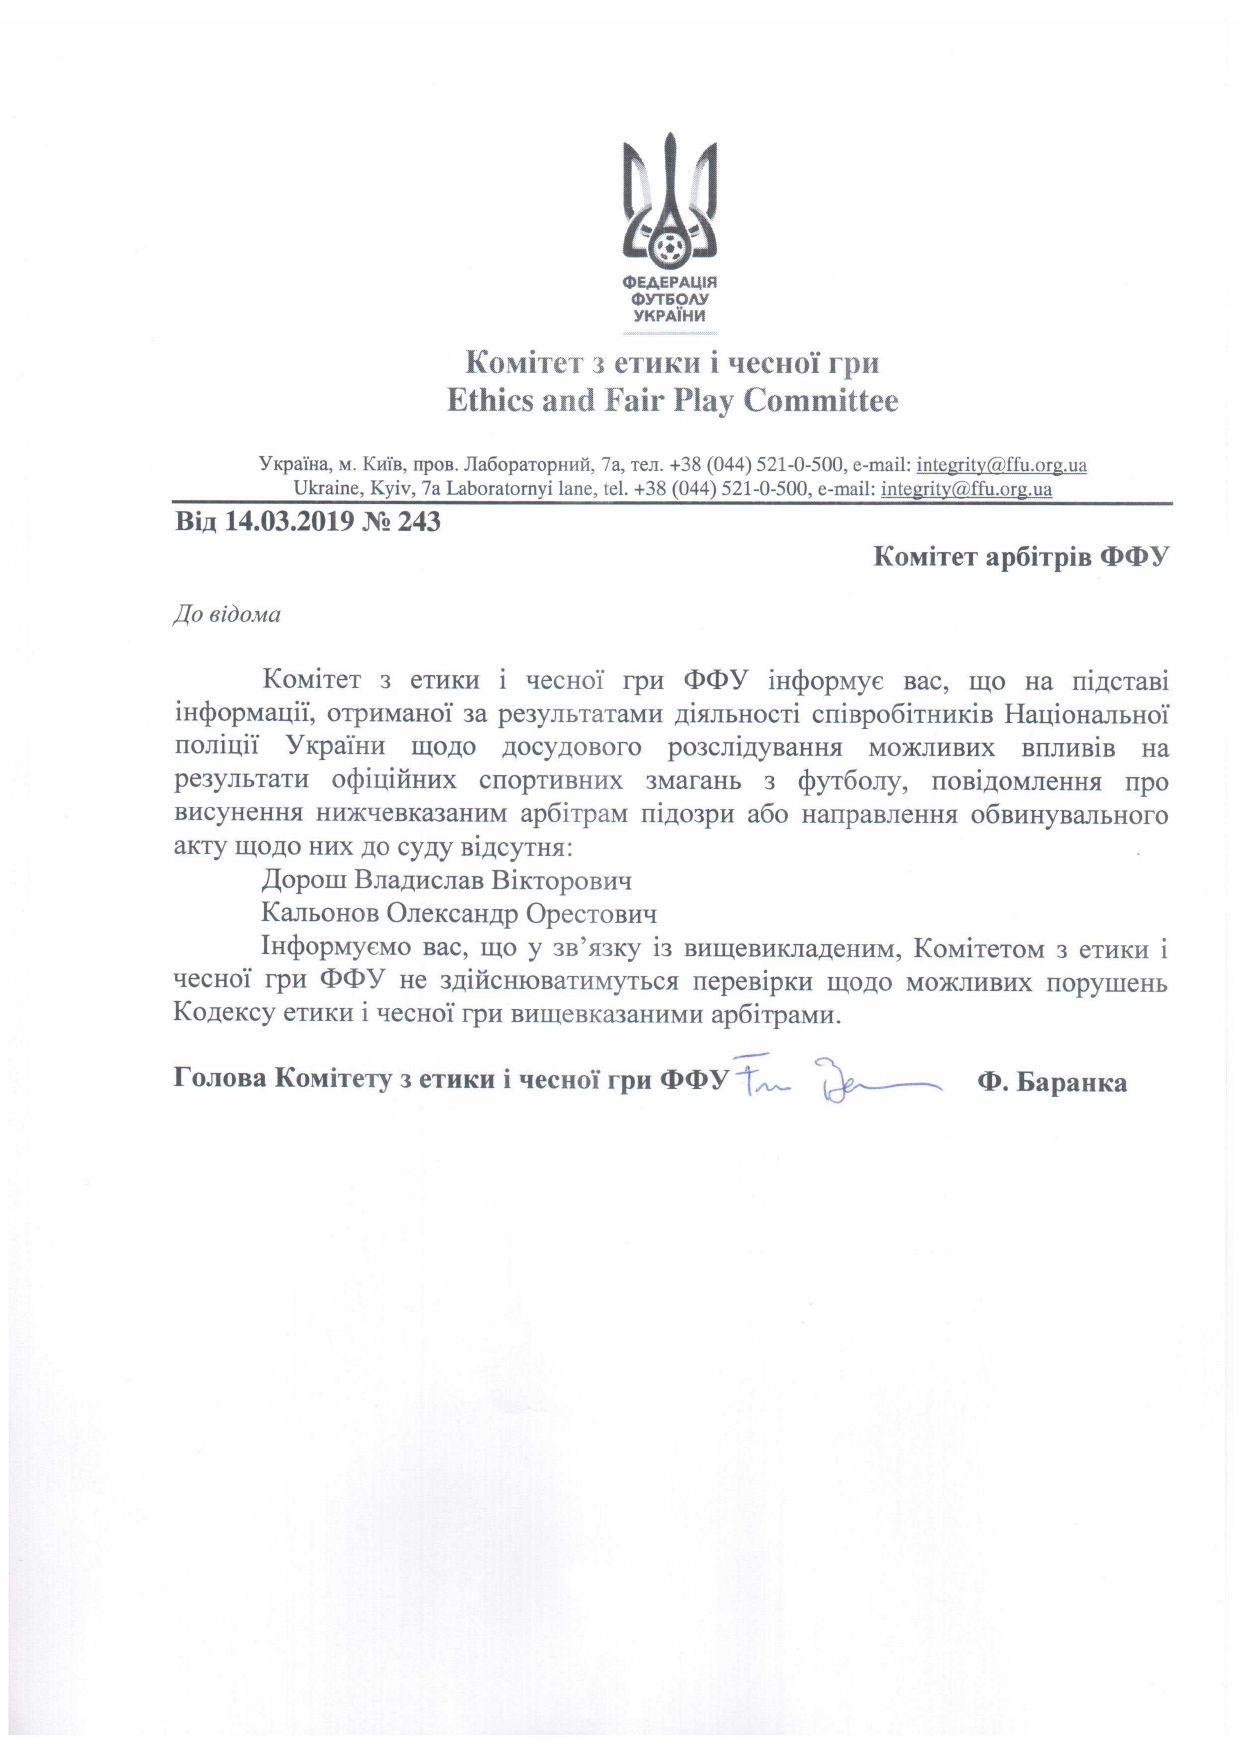 Комитет арбитров УАФ опроверг информацию о взяточничестве своего арбитра - изображение 1